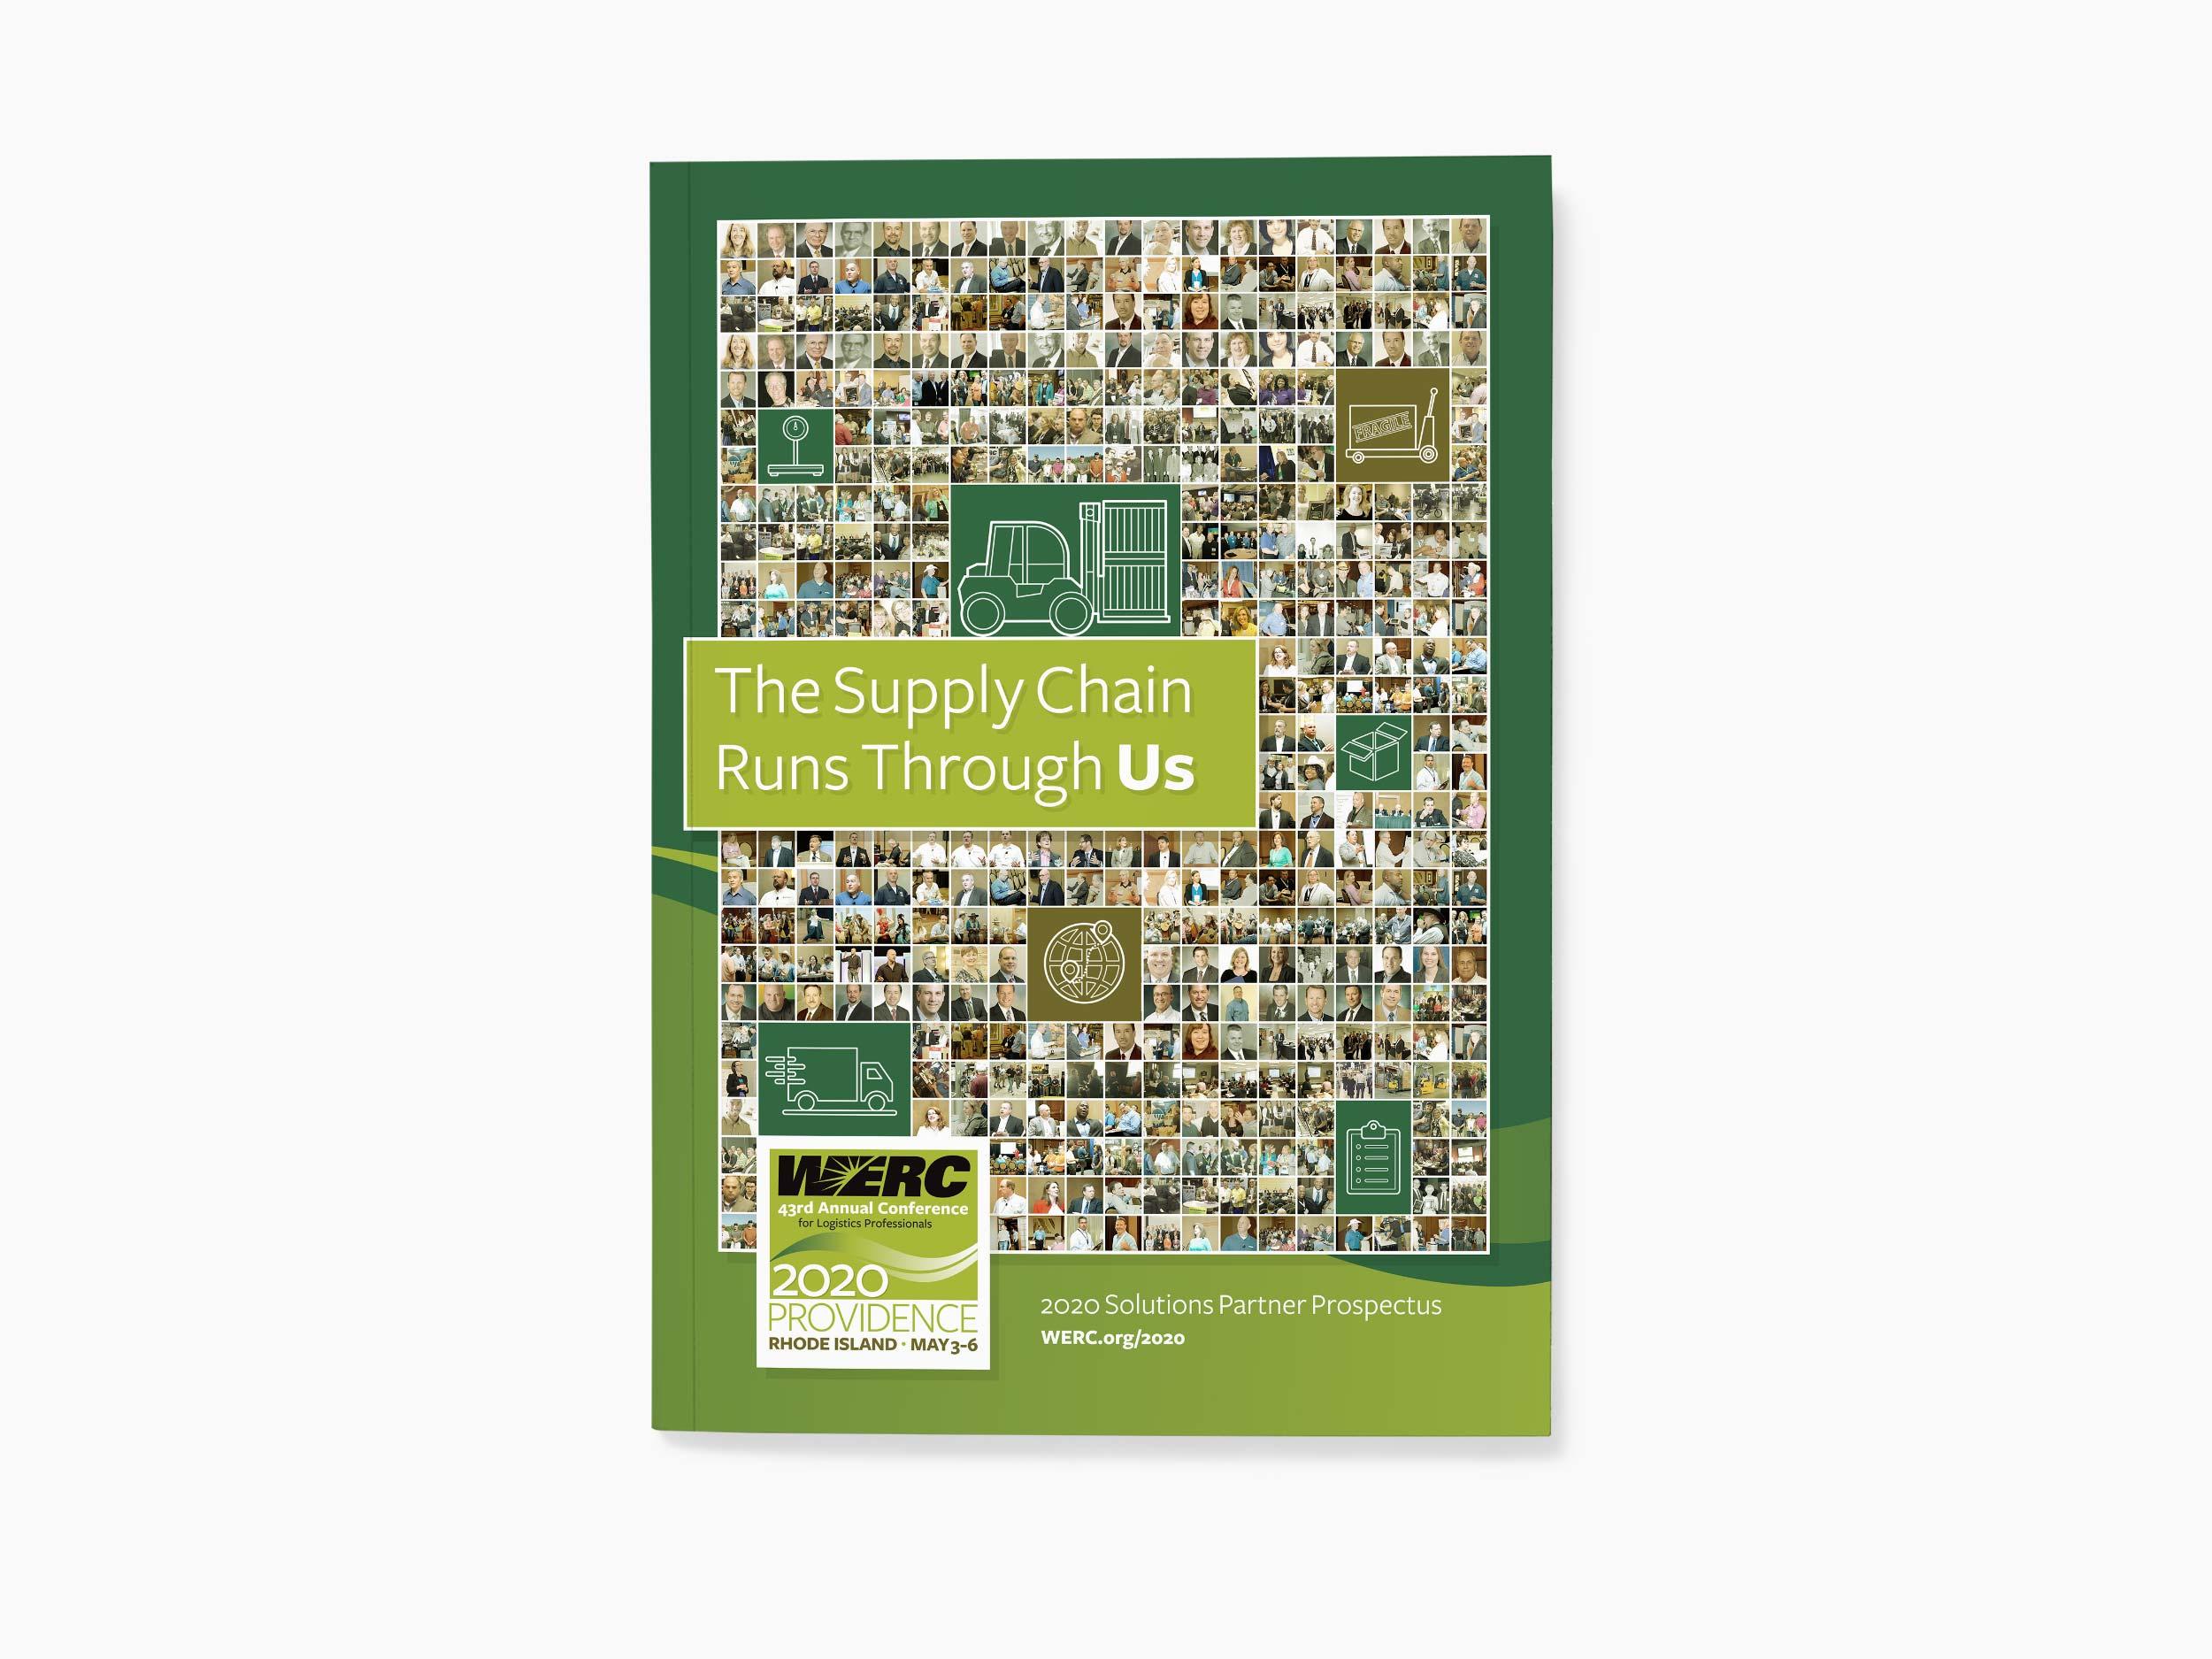 WERC prospectus cover